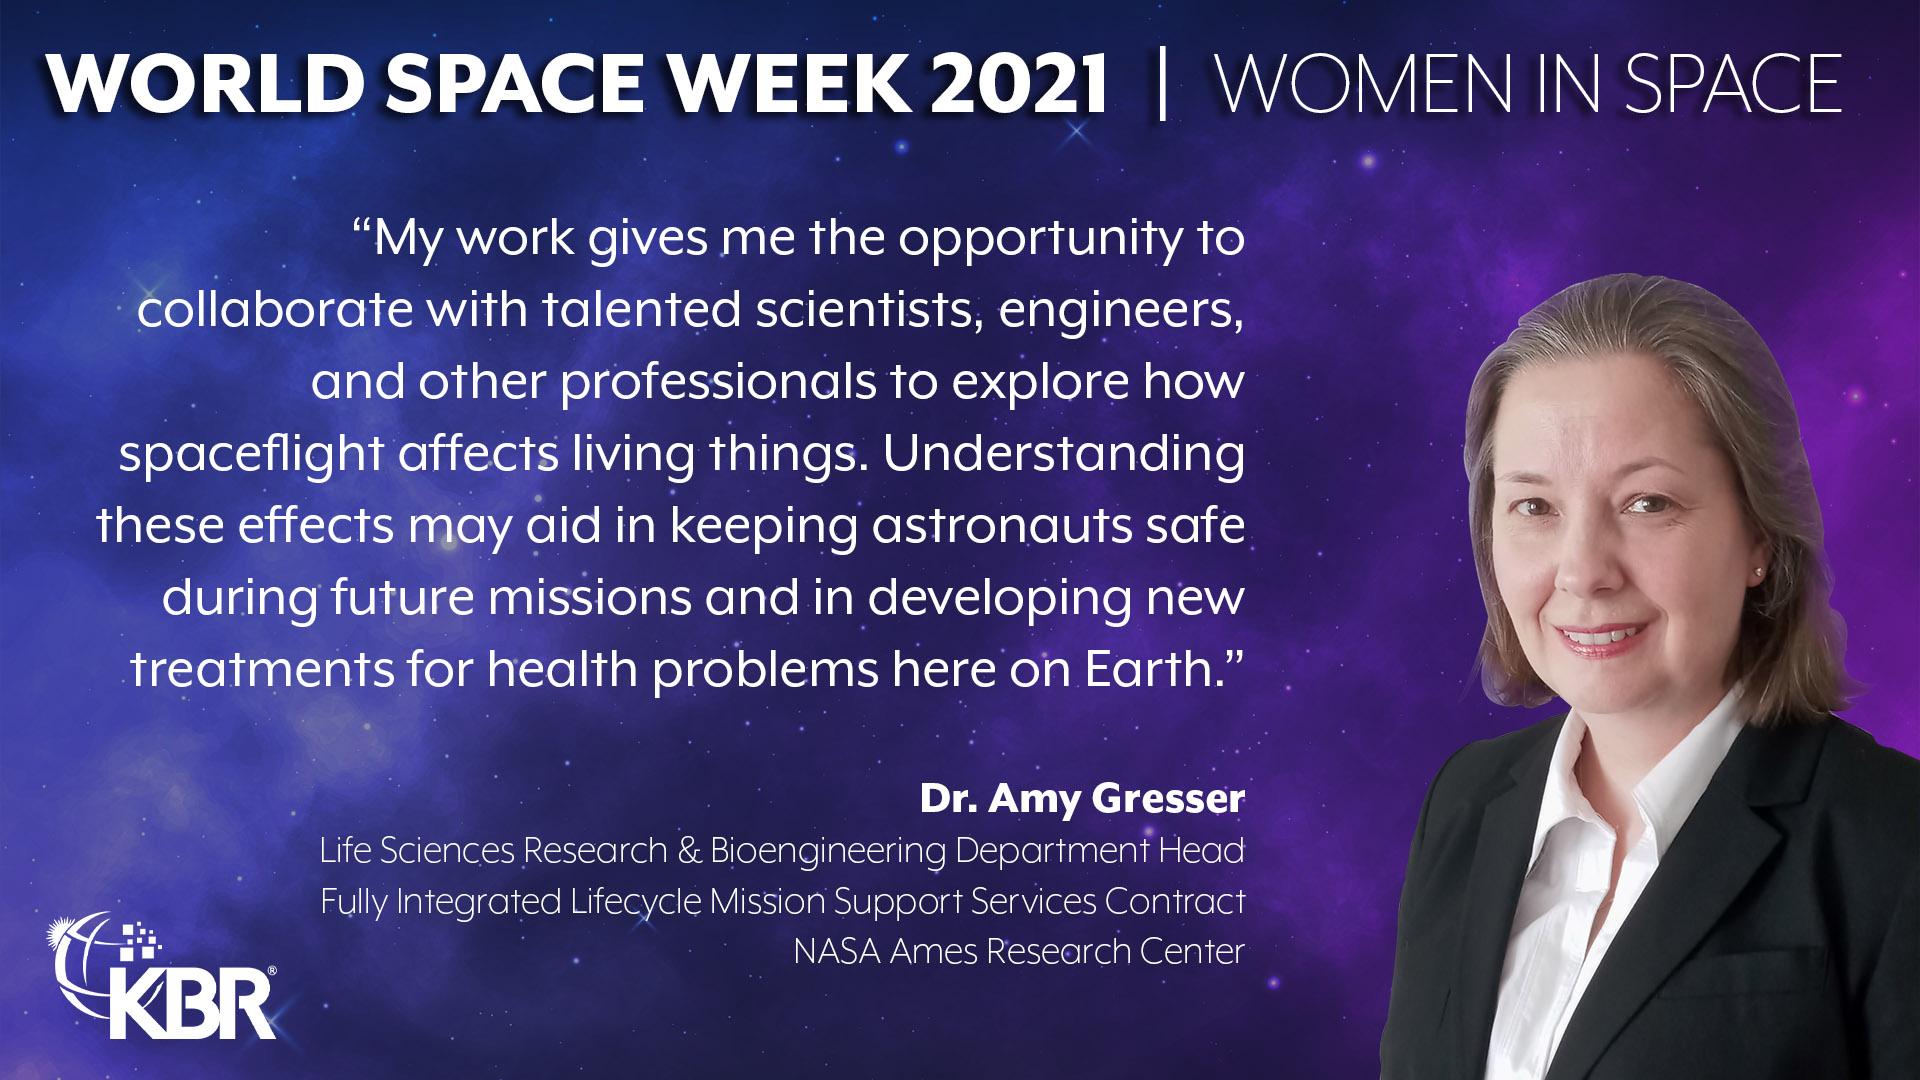 amy-gresser2-world-space-week